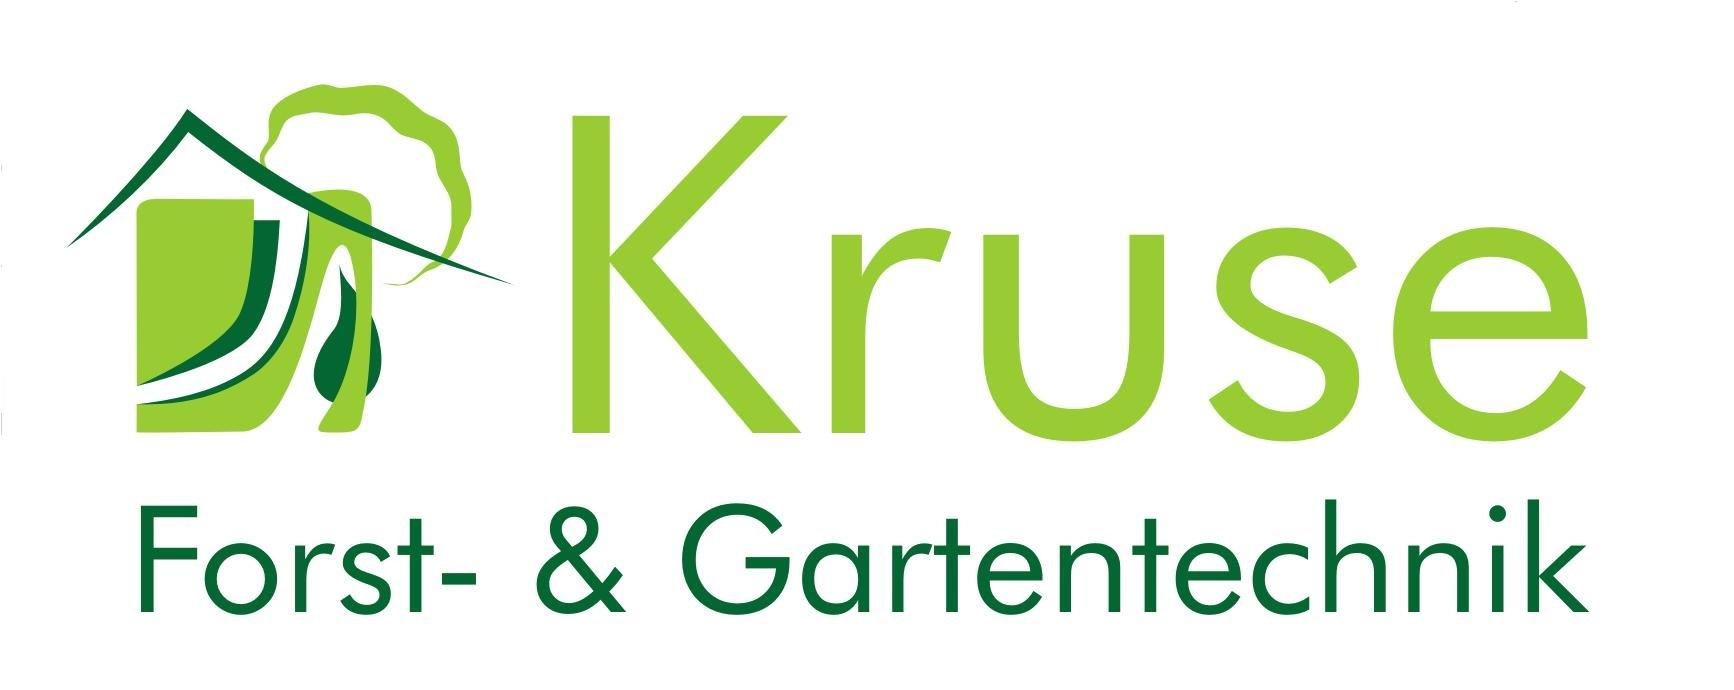 Kruse Forst & Gartentechnik GmbH & Co.KG